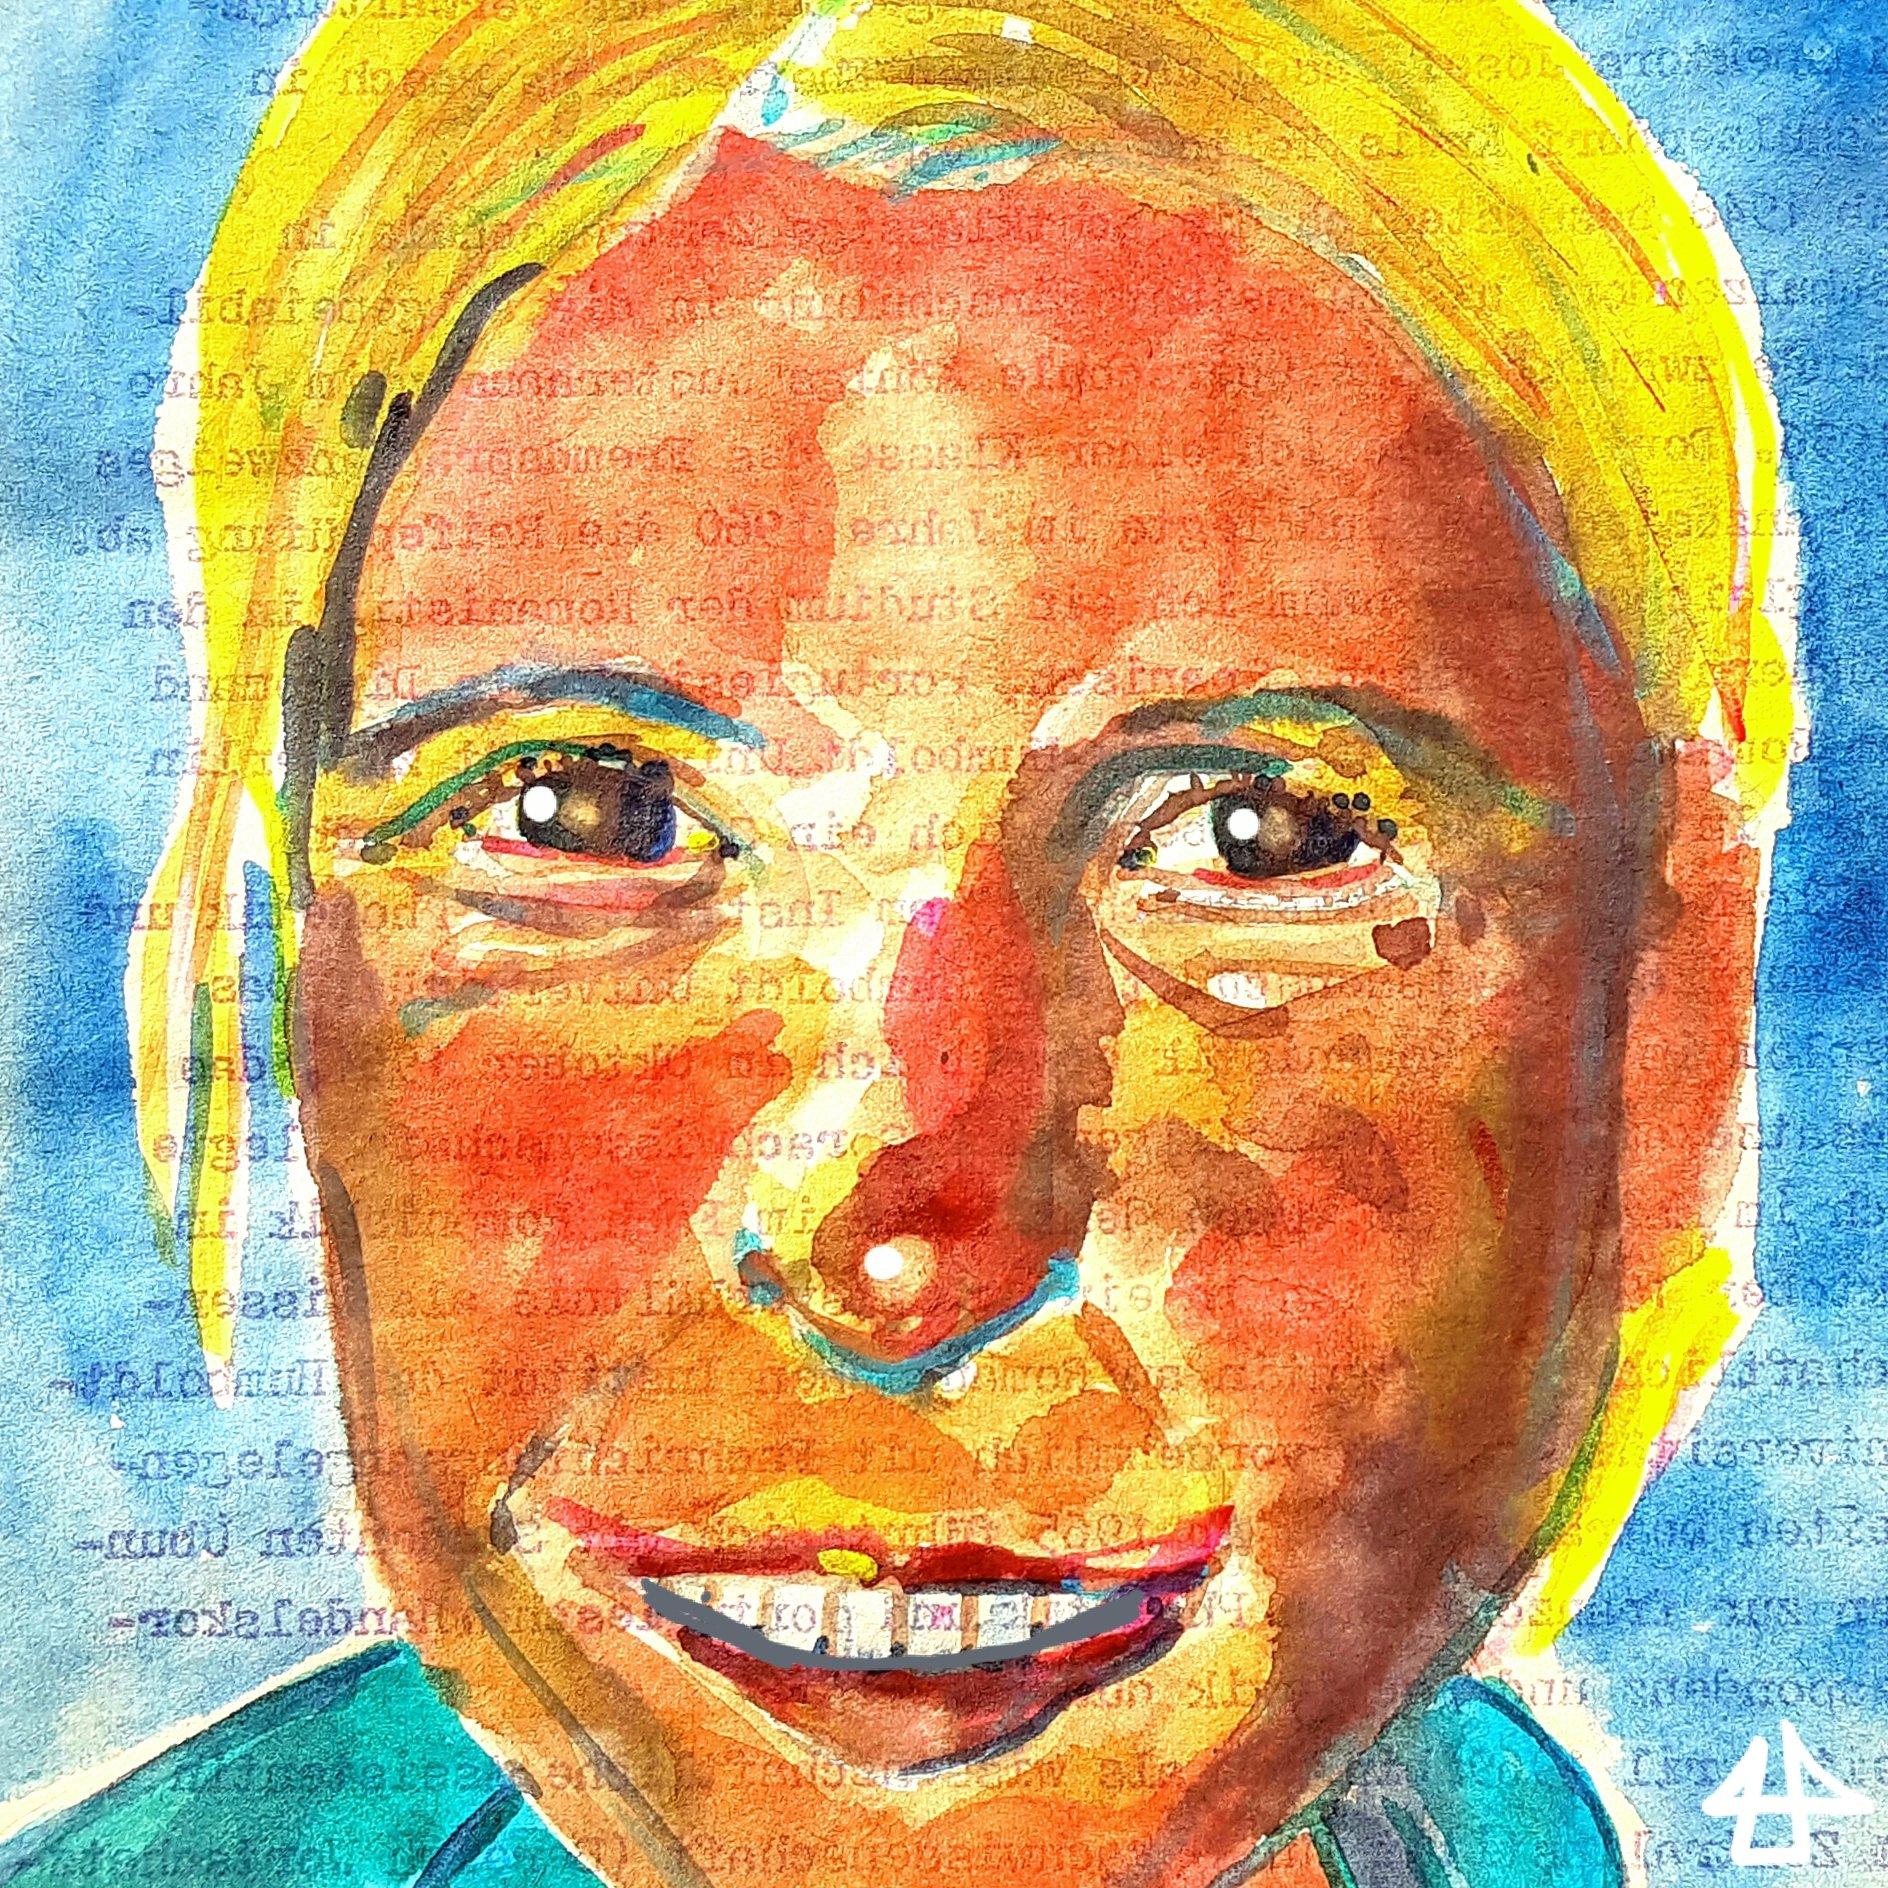 Porträt einer Frau mit gelbblonden nach hinten gebundenen Haaren und rötlichem Gesicht: Bunstitfte und Aquarellfarben.